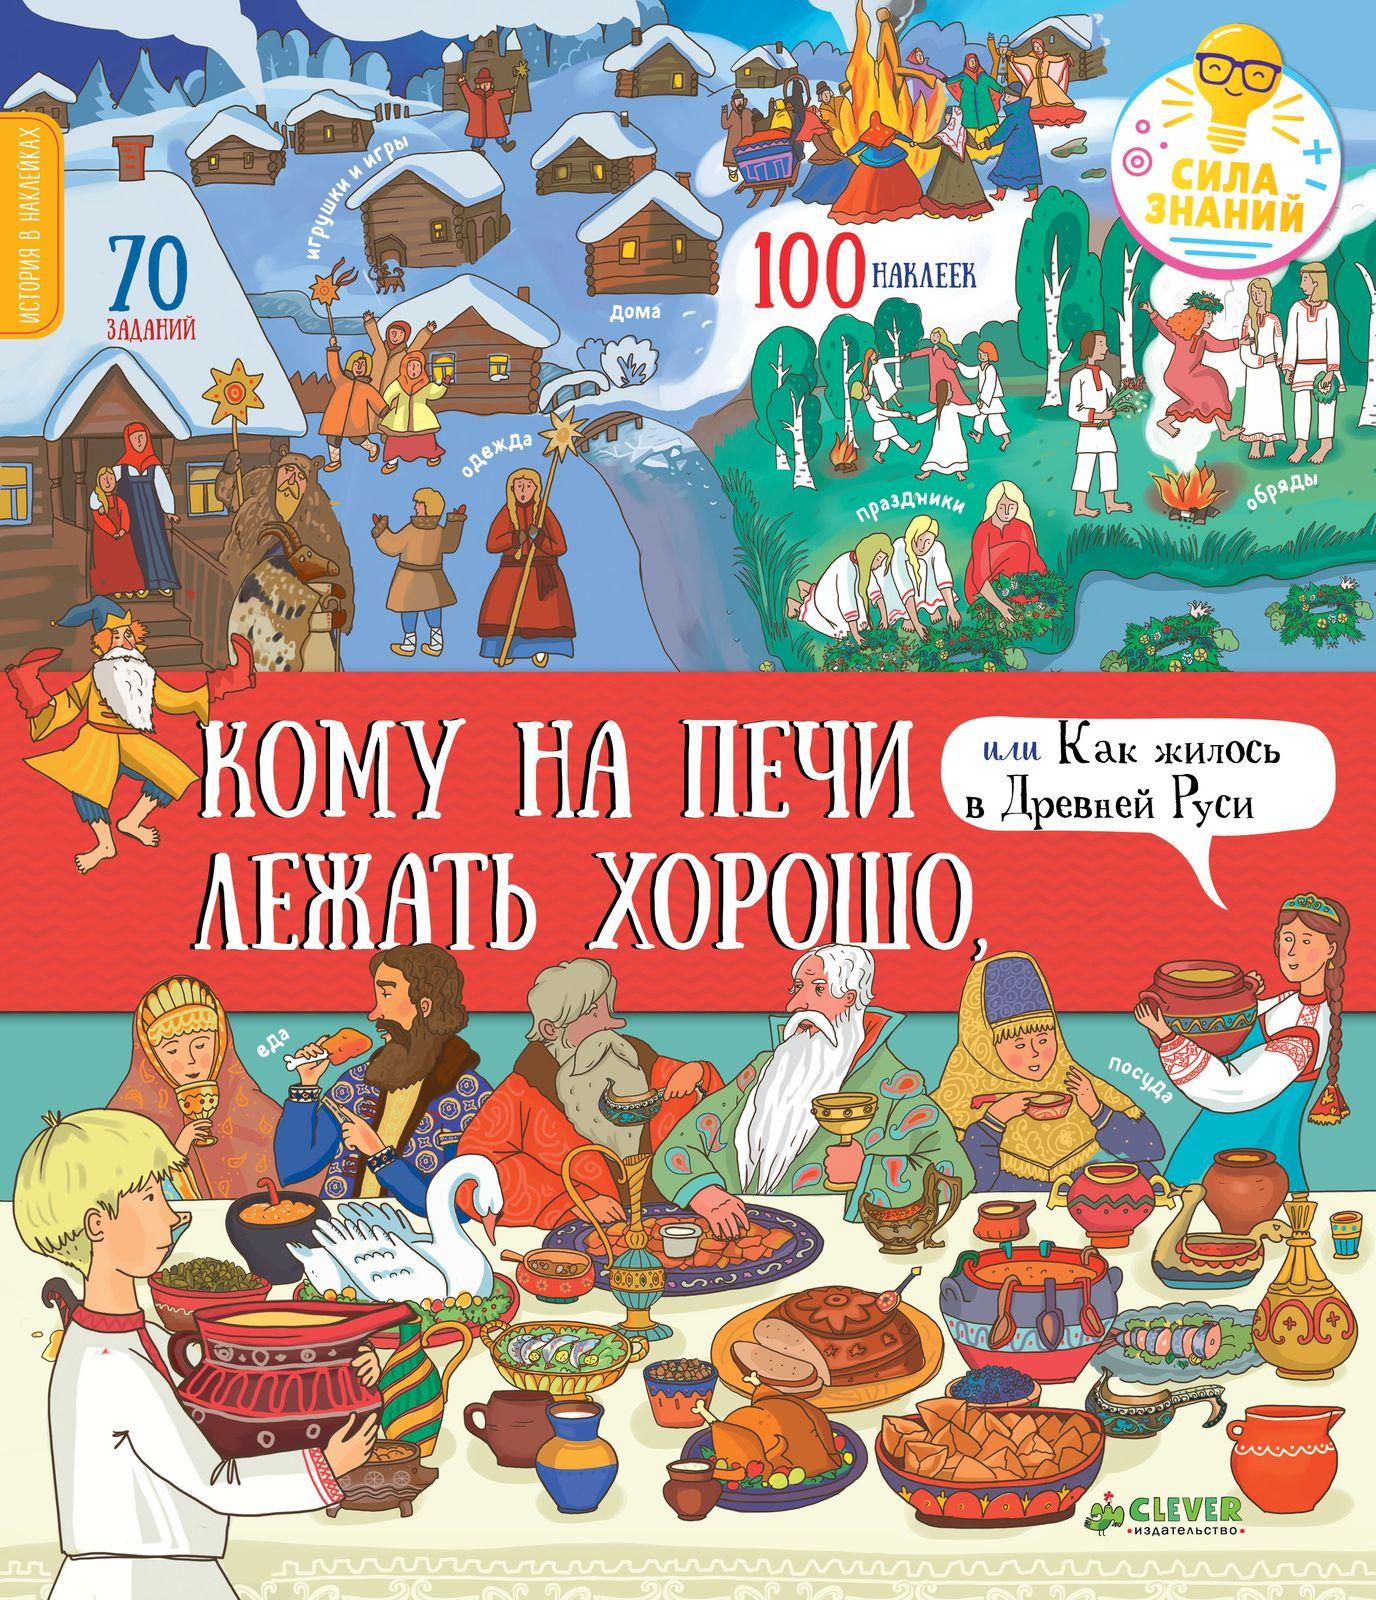 Кому на печи лежать хорошо, или Как жилось в Древней Руси фото